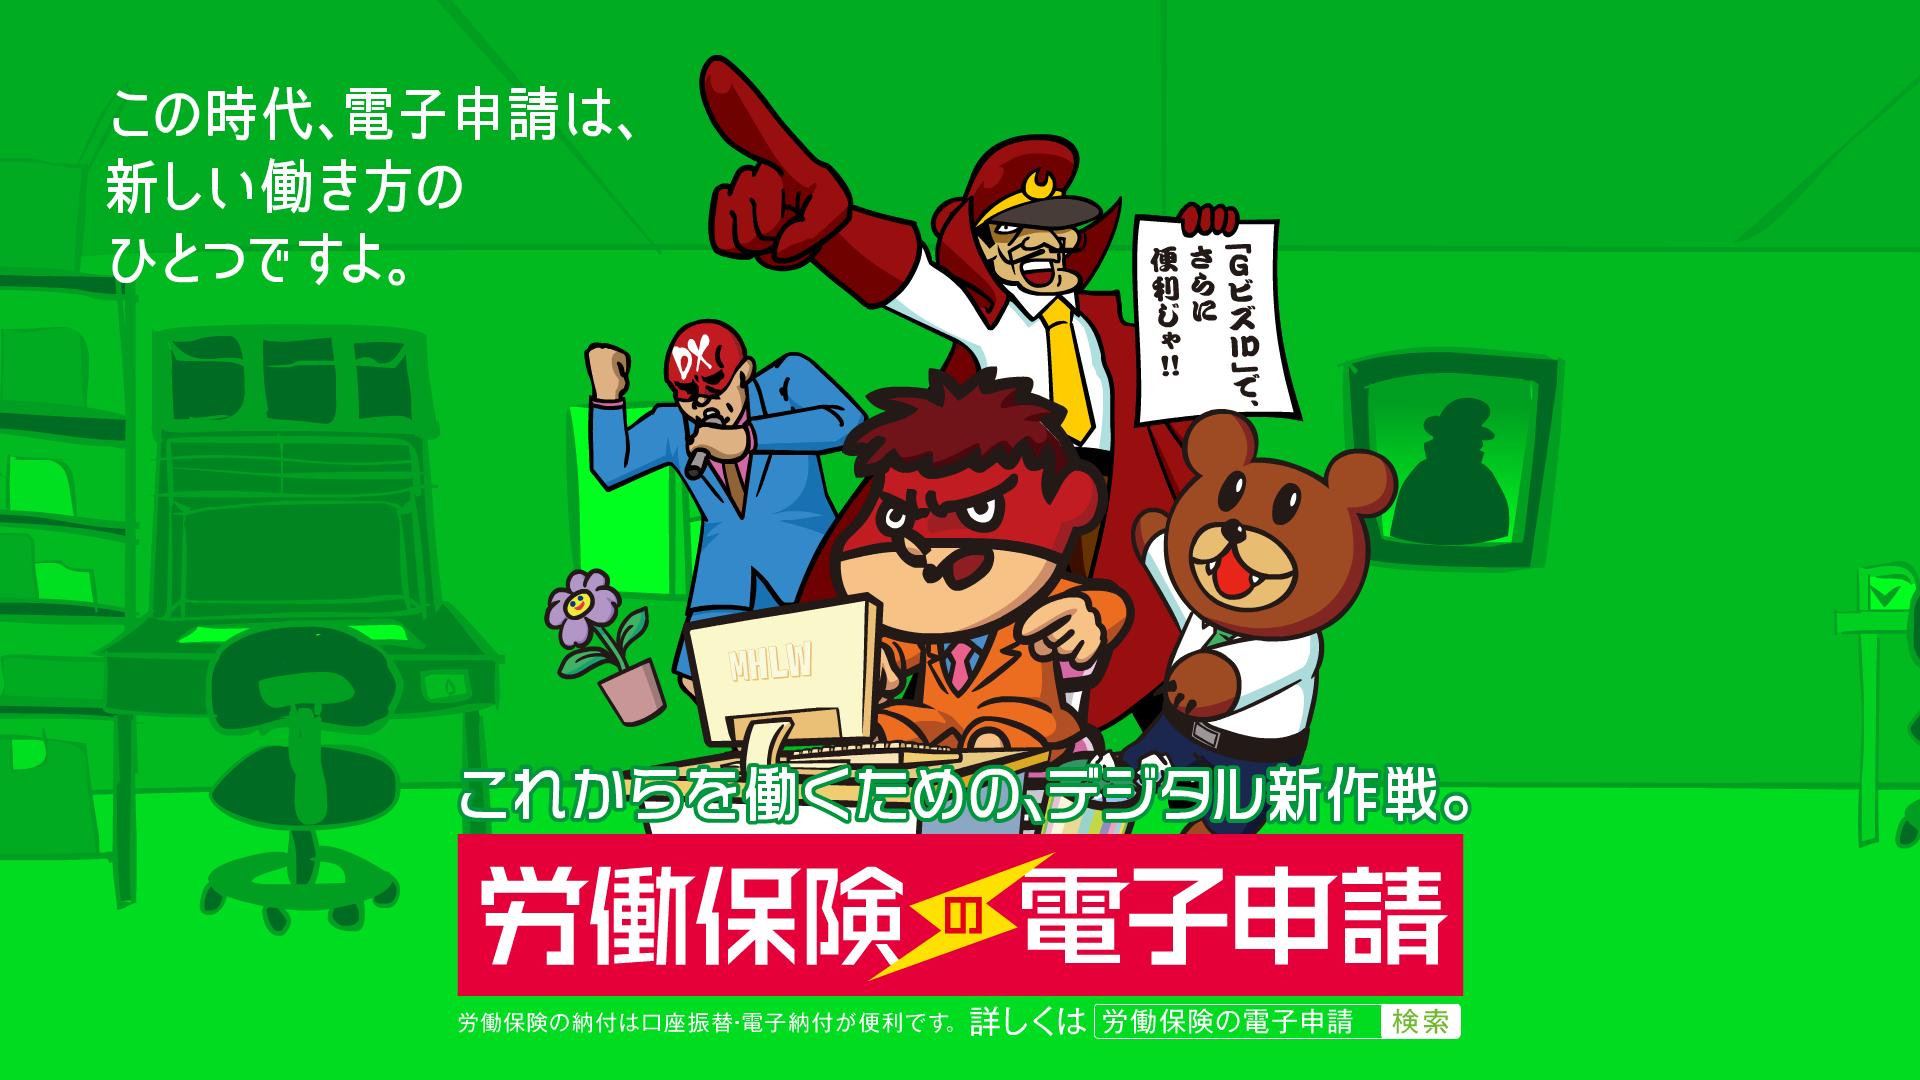 【鷹の爪】鷹の爪団が厚労省とコラボレーション!労働保険の電子申請を推奨するアニメを公開!